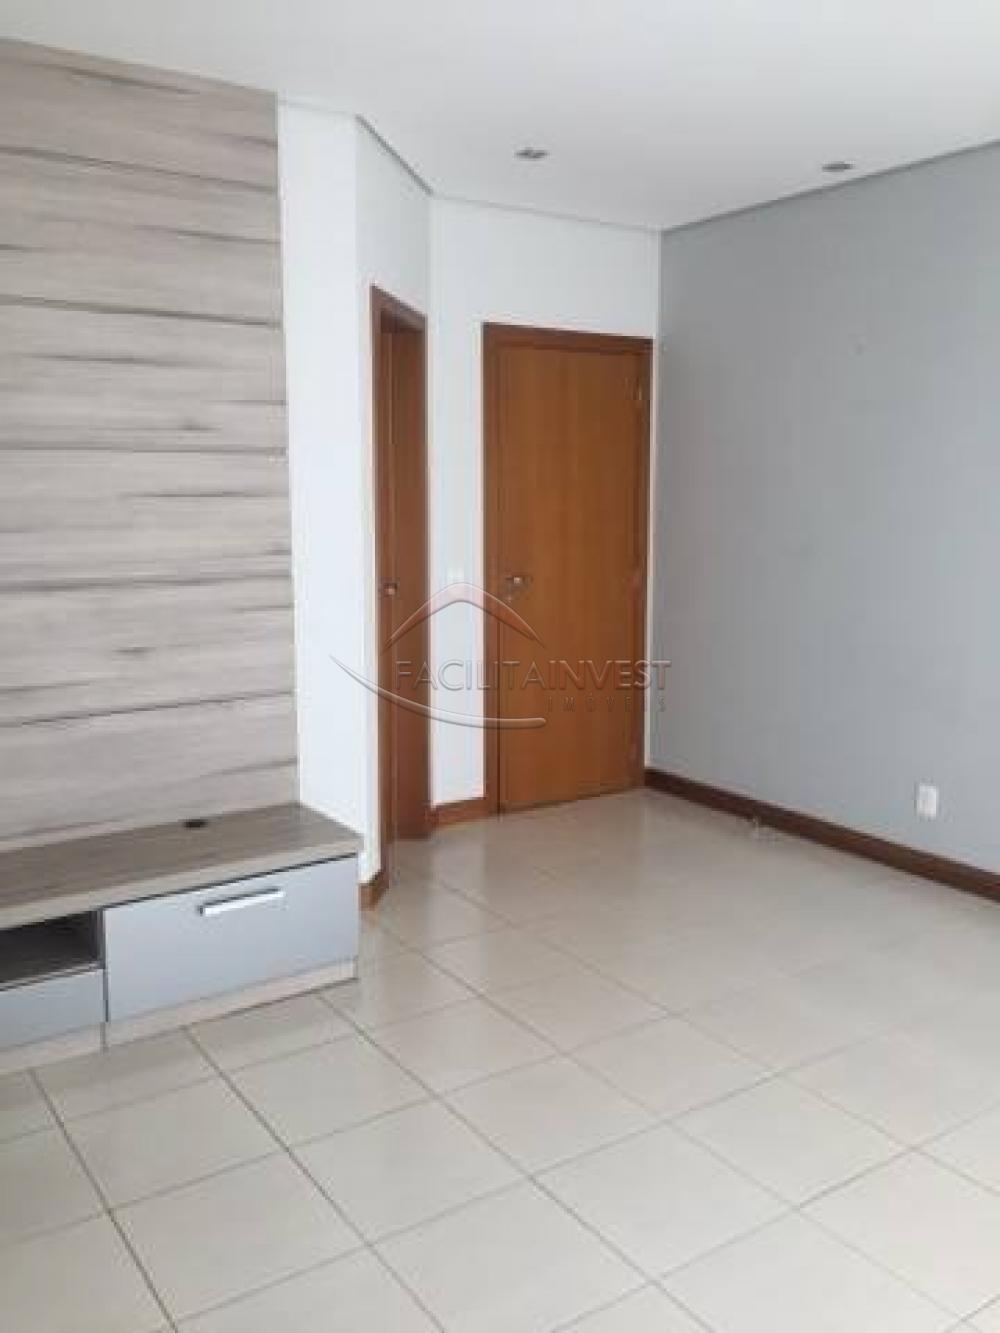 Comprar Apartamentos / Apart. Padrão em Ribeirão Preto apenas R$ 800.000,00 - Foto 3